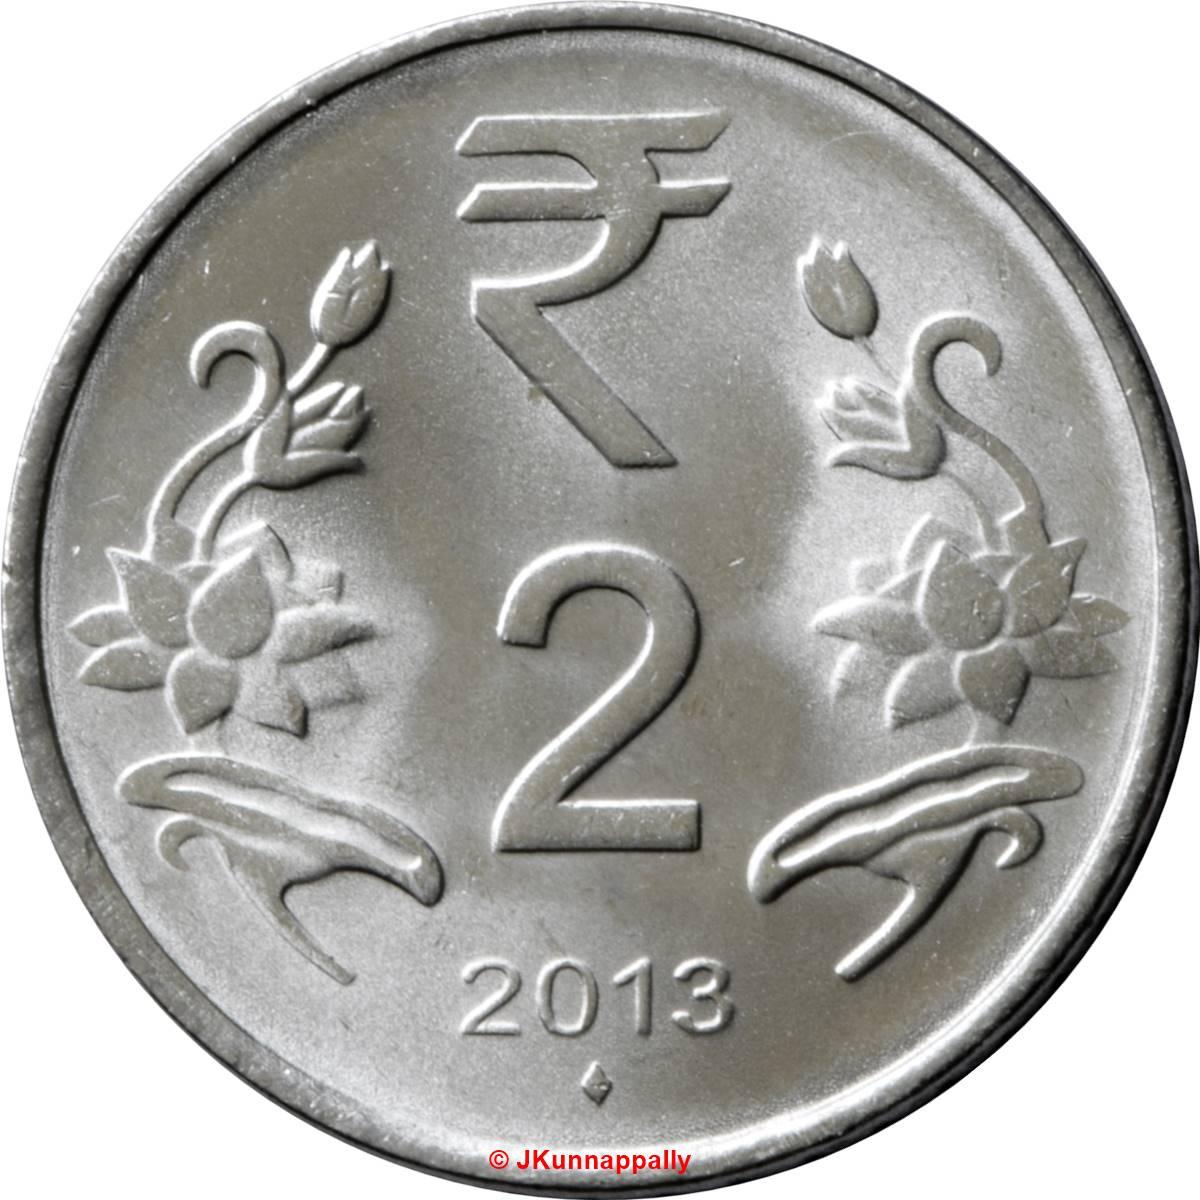 2 Rupees India Numista